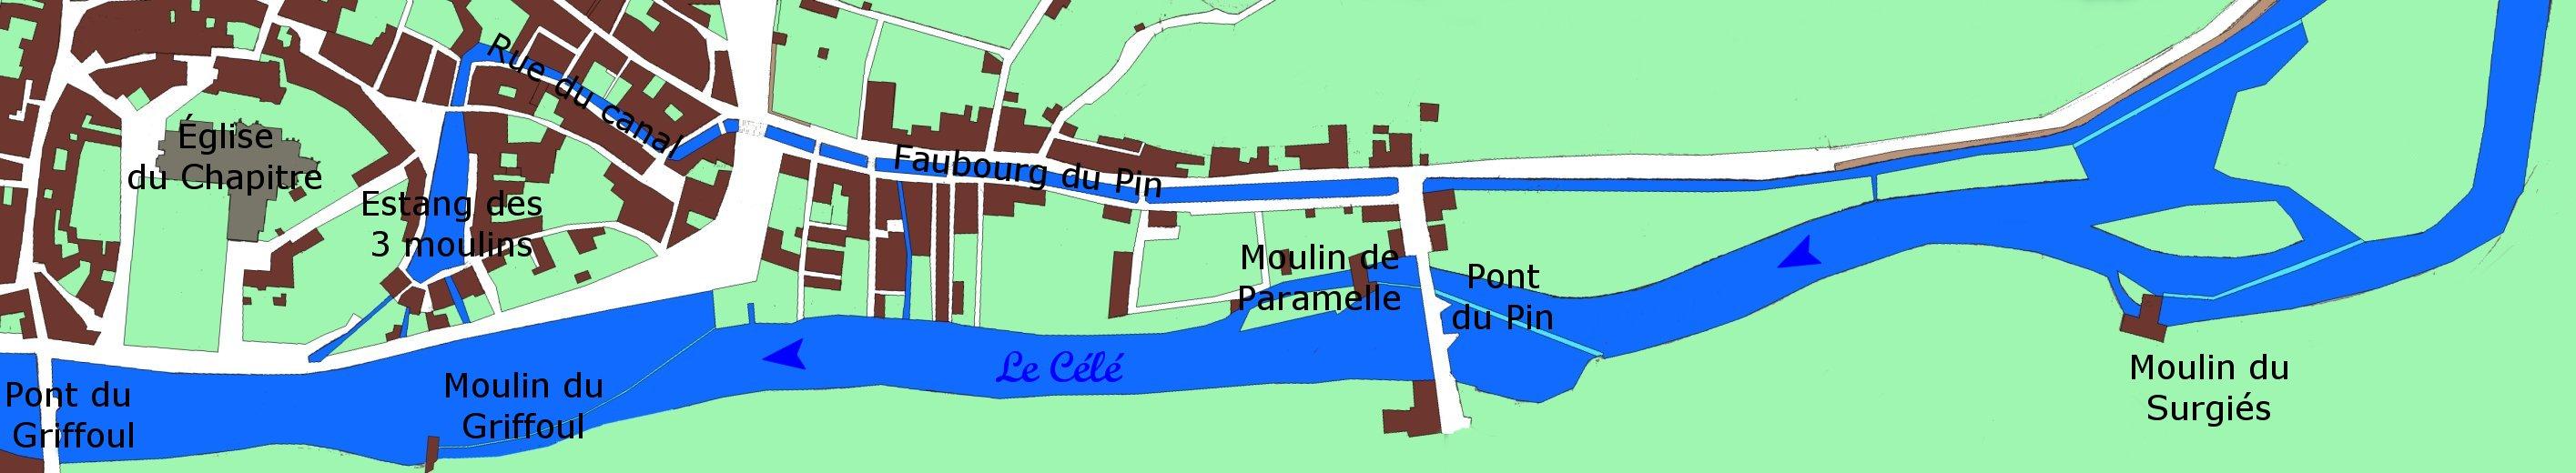 Schéma de l'ancien canal d'alimentation des 3 moulins à Figeac